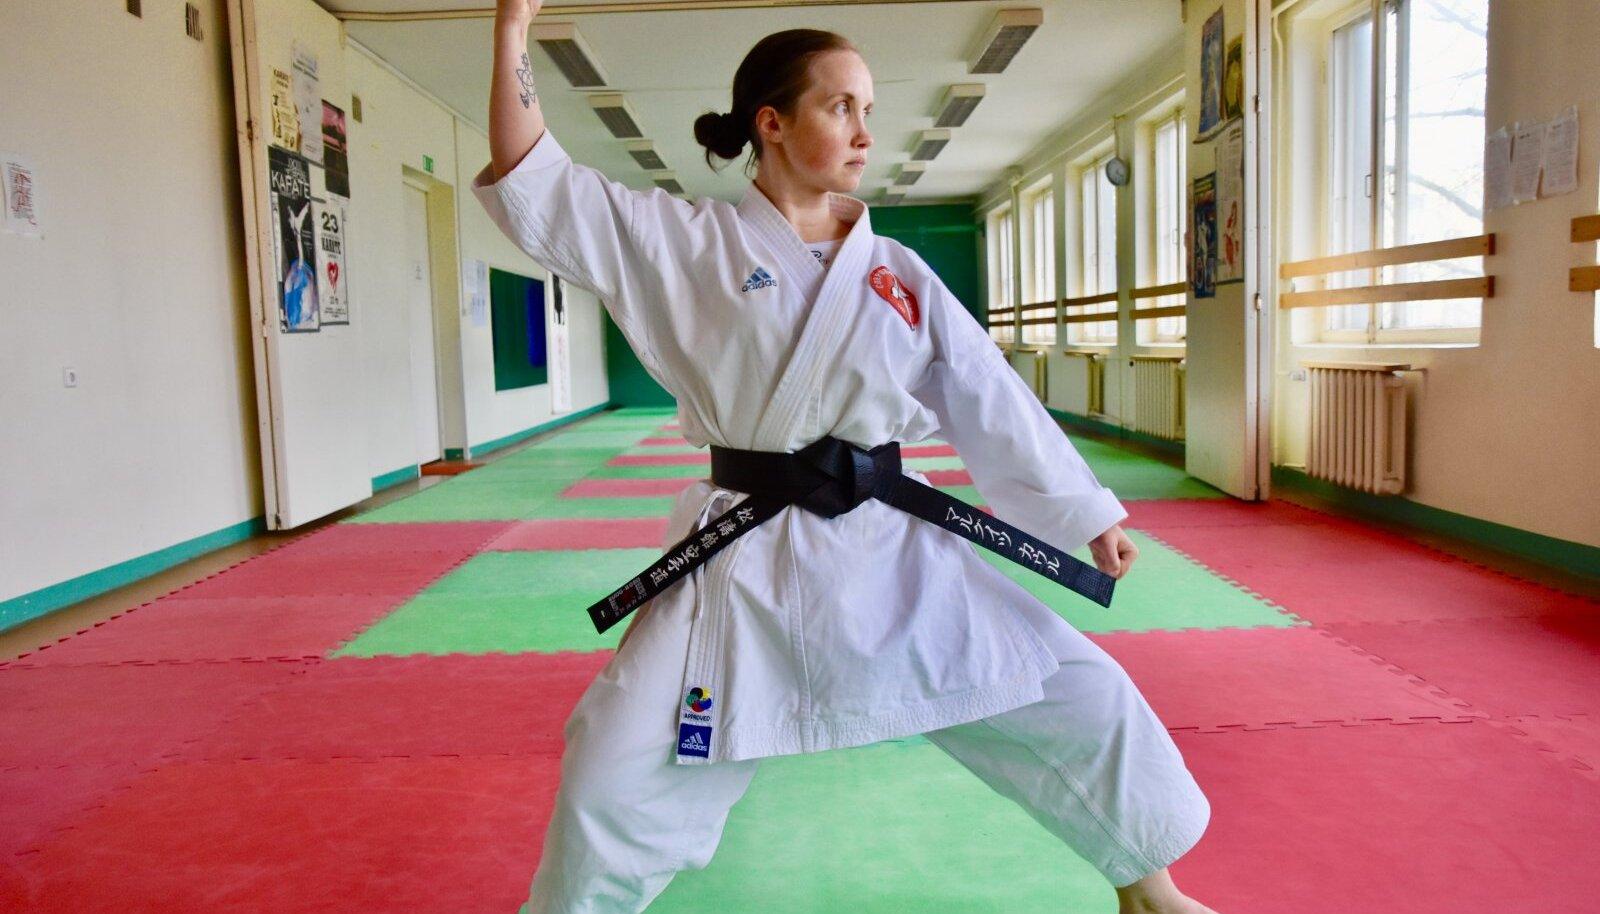 Musta vööga karateõpetaja!